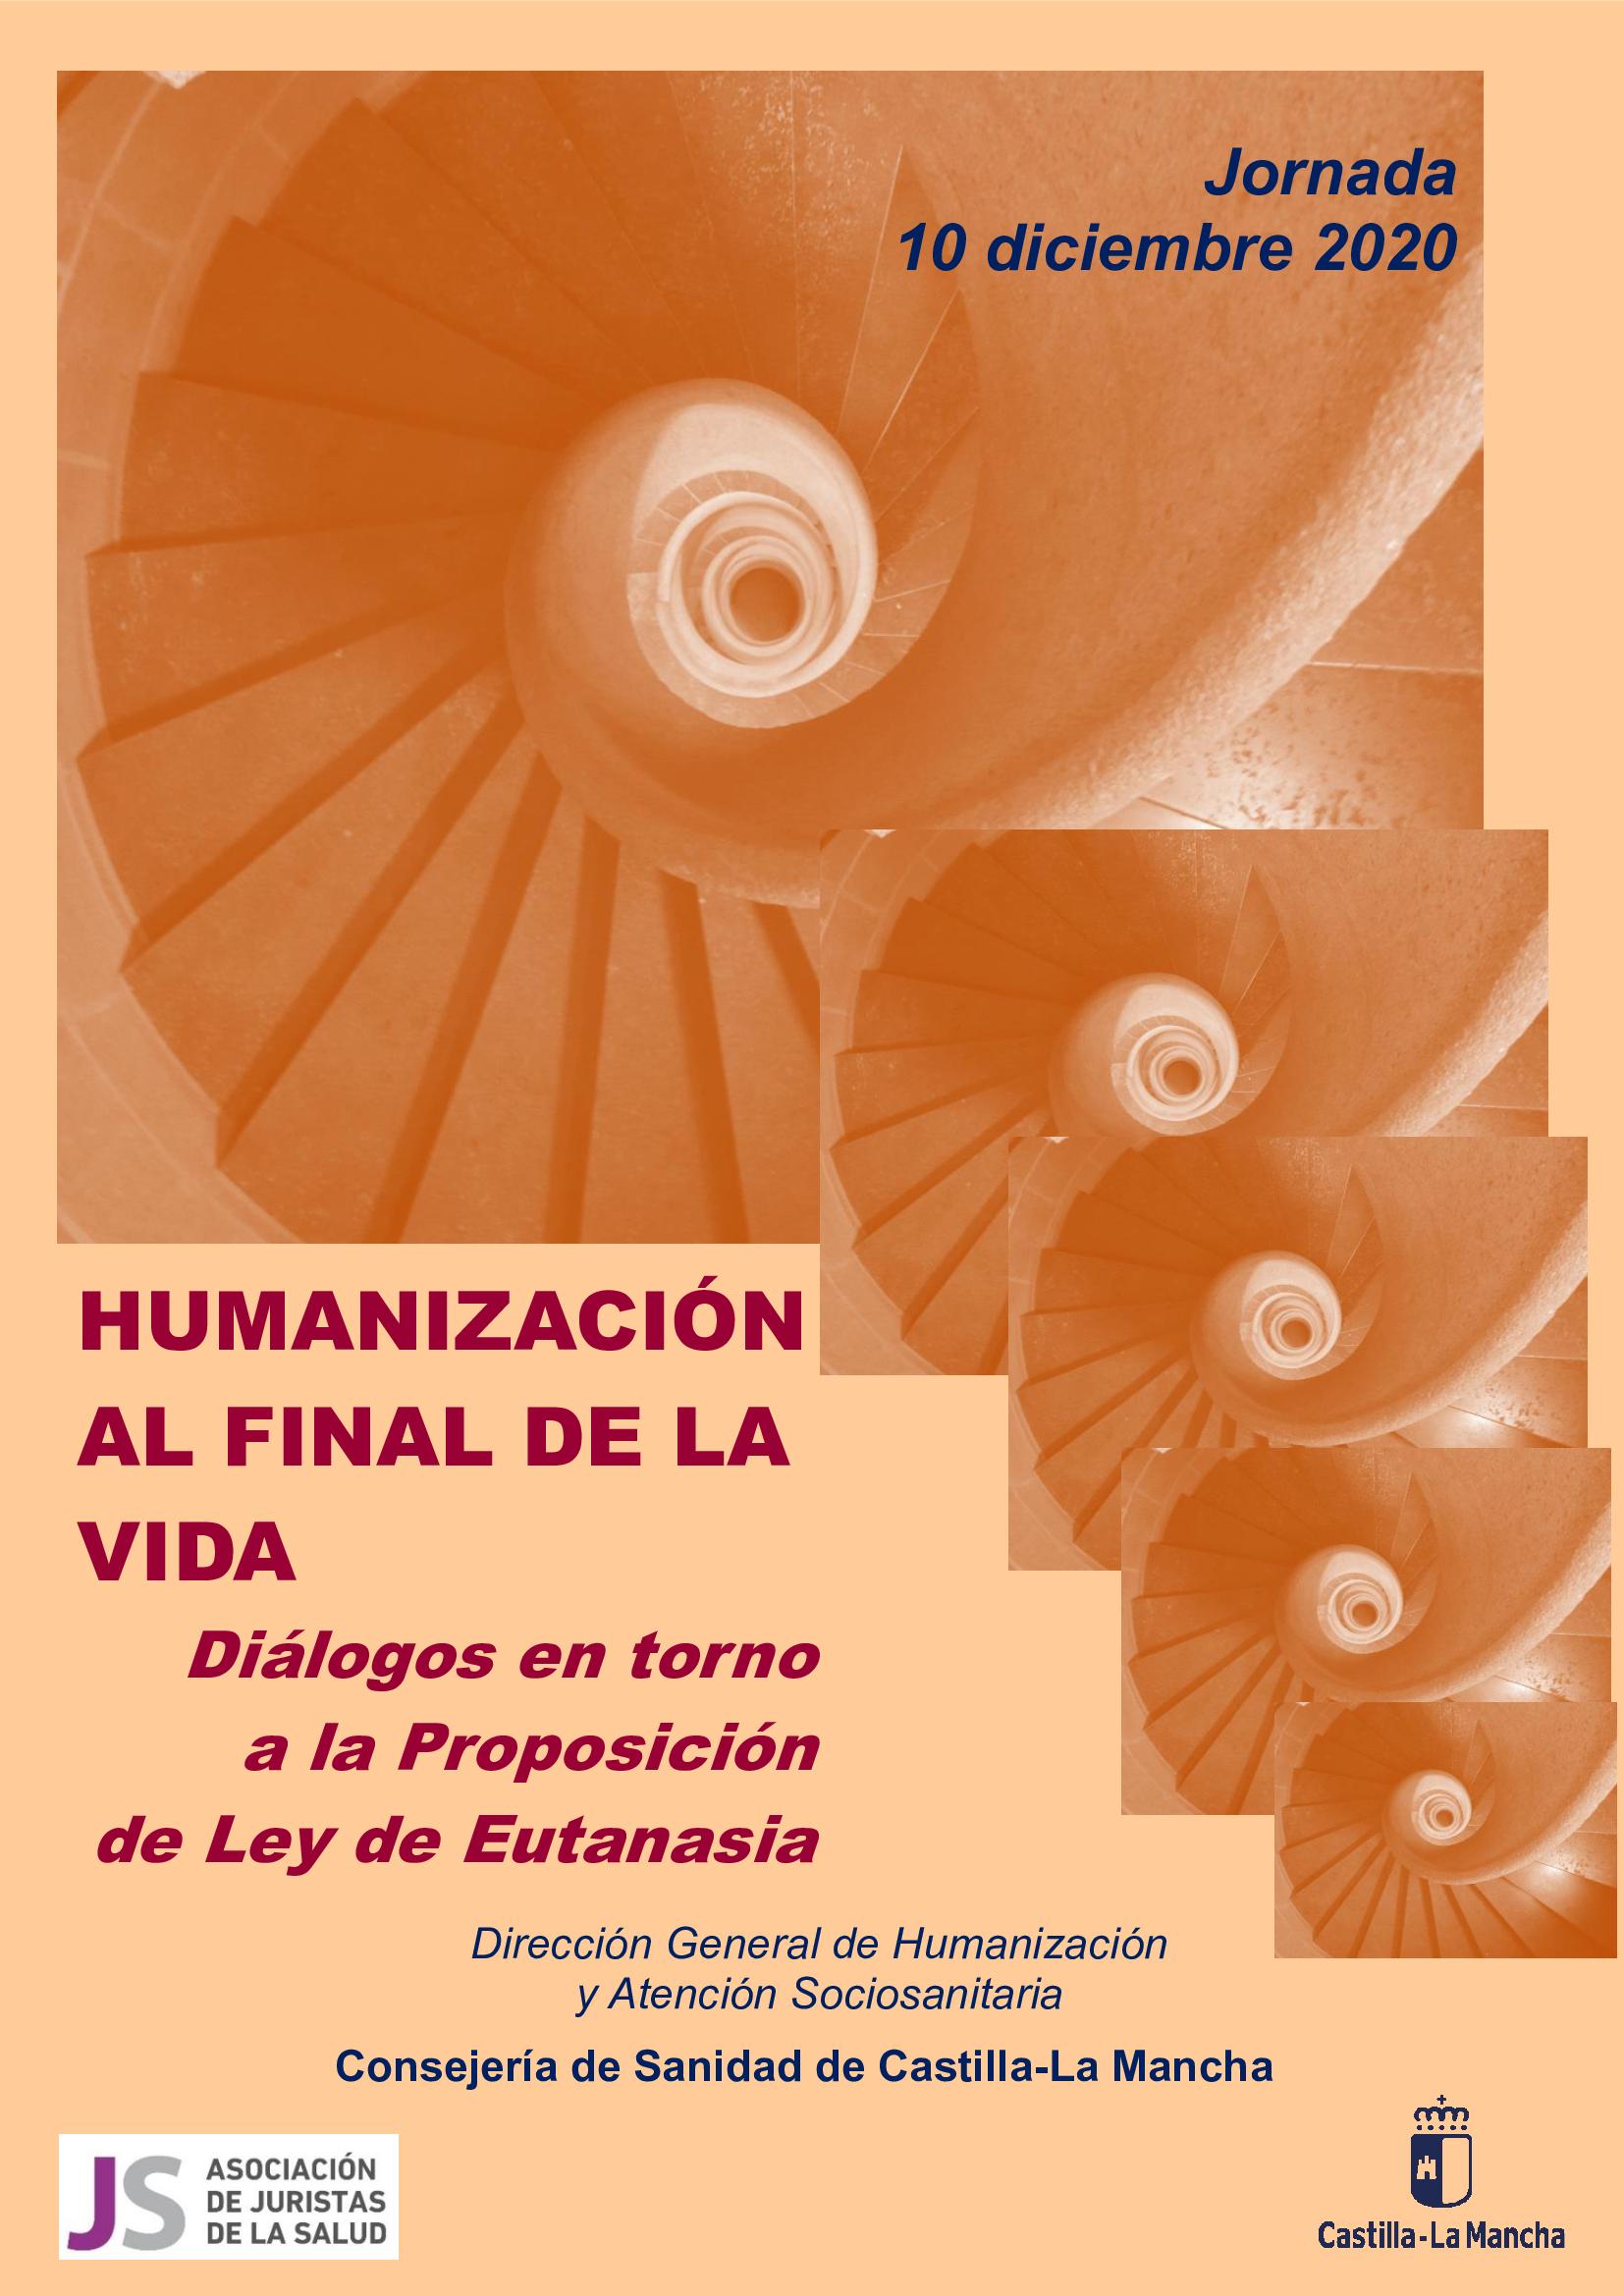 HUMANIZACIÓN AL FINAL DE LA VIDA. DIÁLOGOS EN TORNO A LA PROPOSICIÓN DE LEY DE EUTANASIA